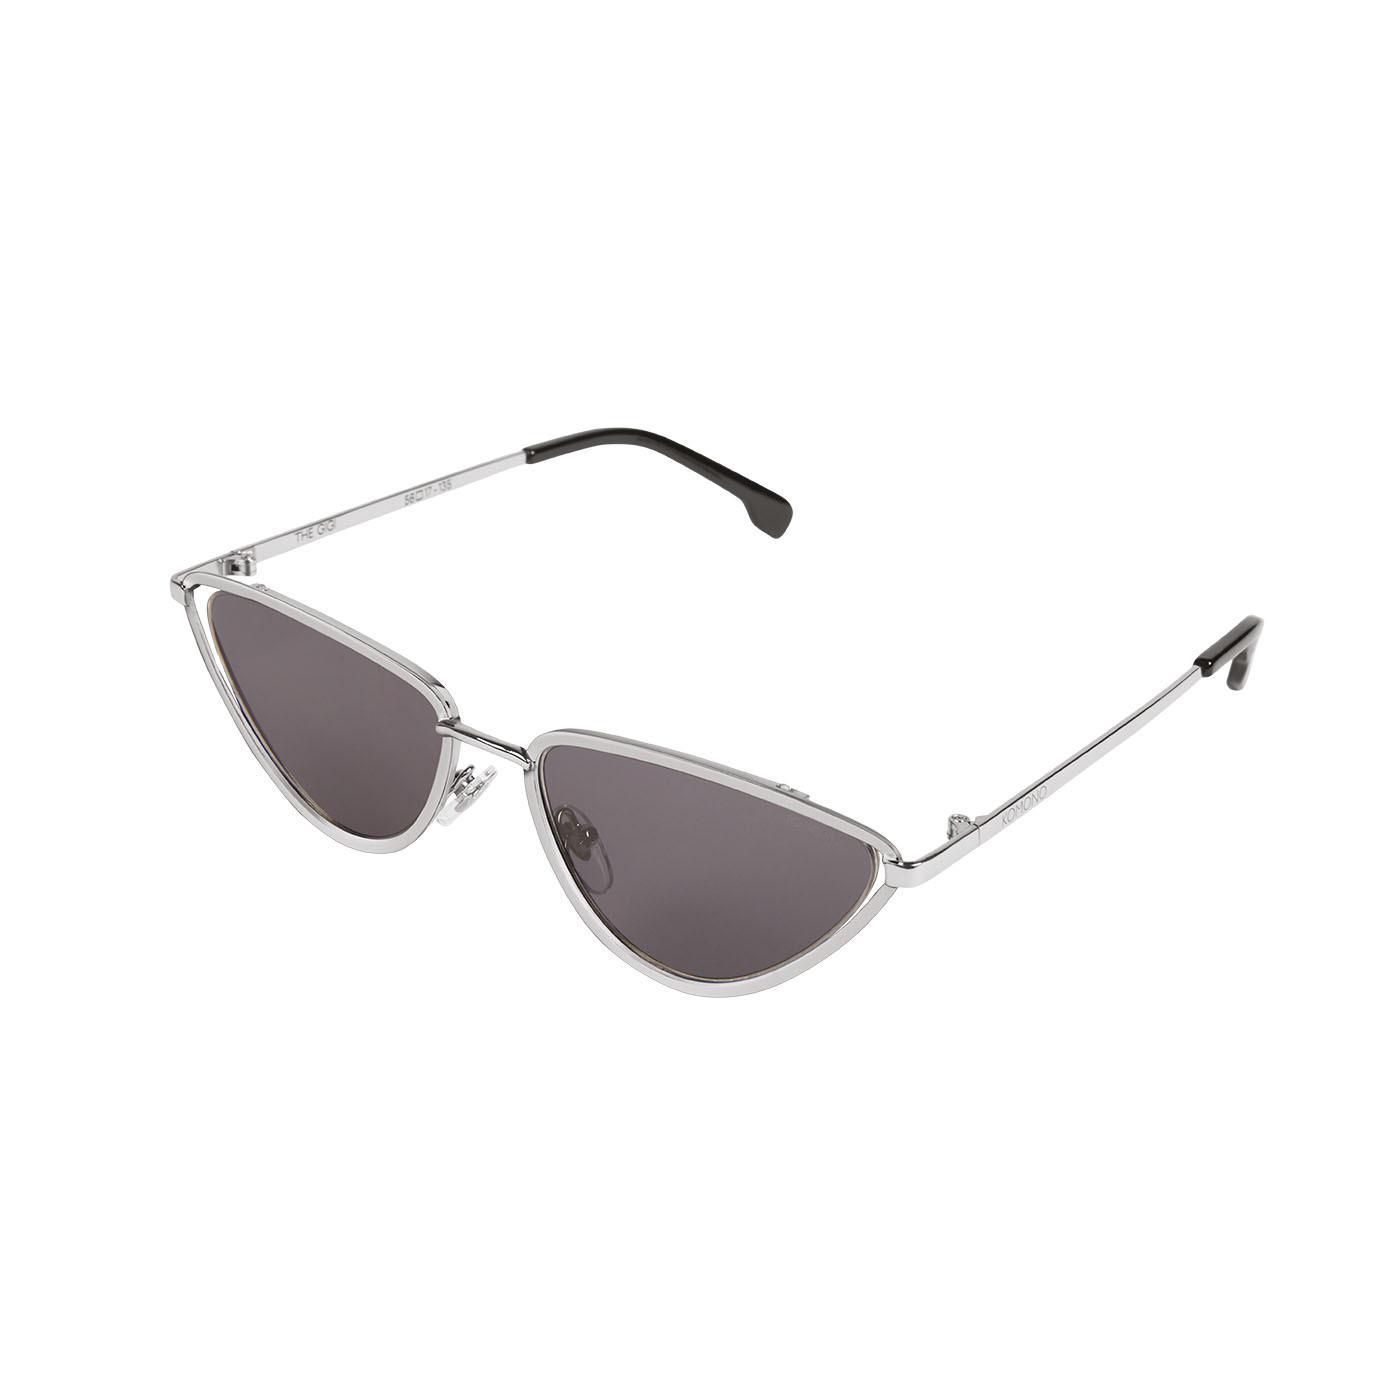 Komono Gigi Silver-coloured Smoke Okulary Przeciwsłoneczne KOM-S5552